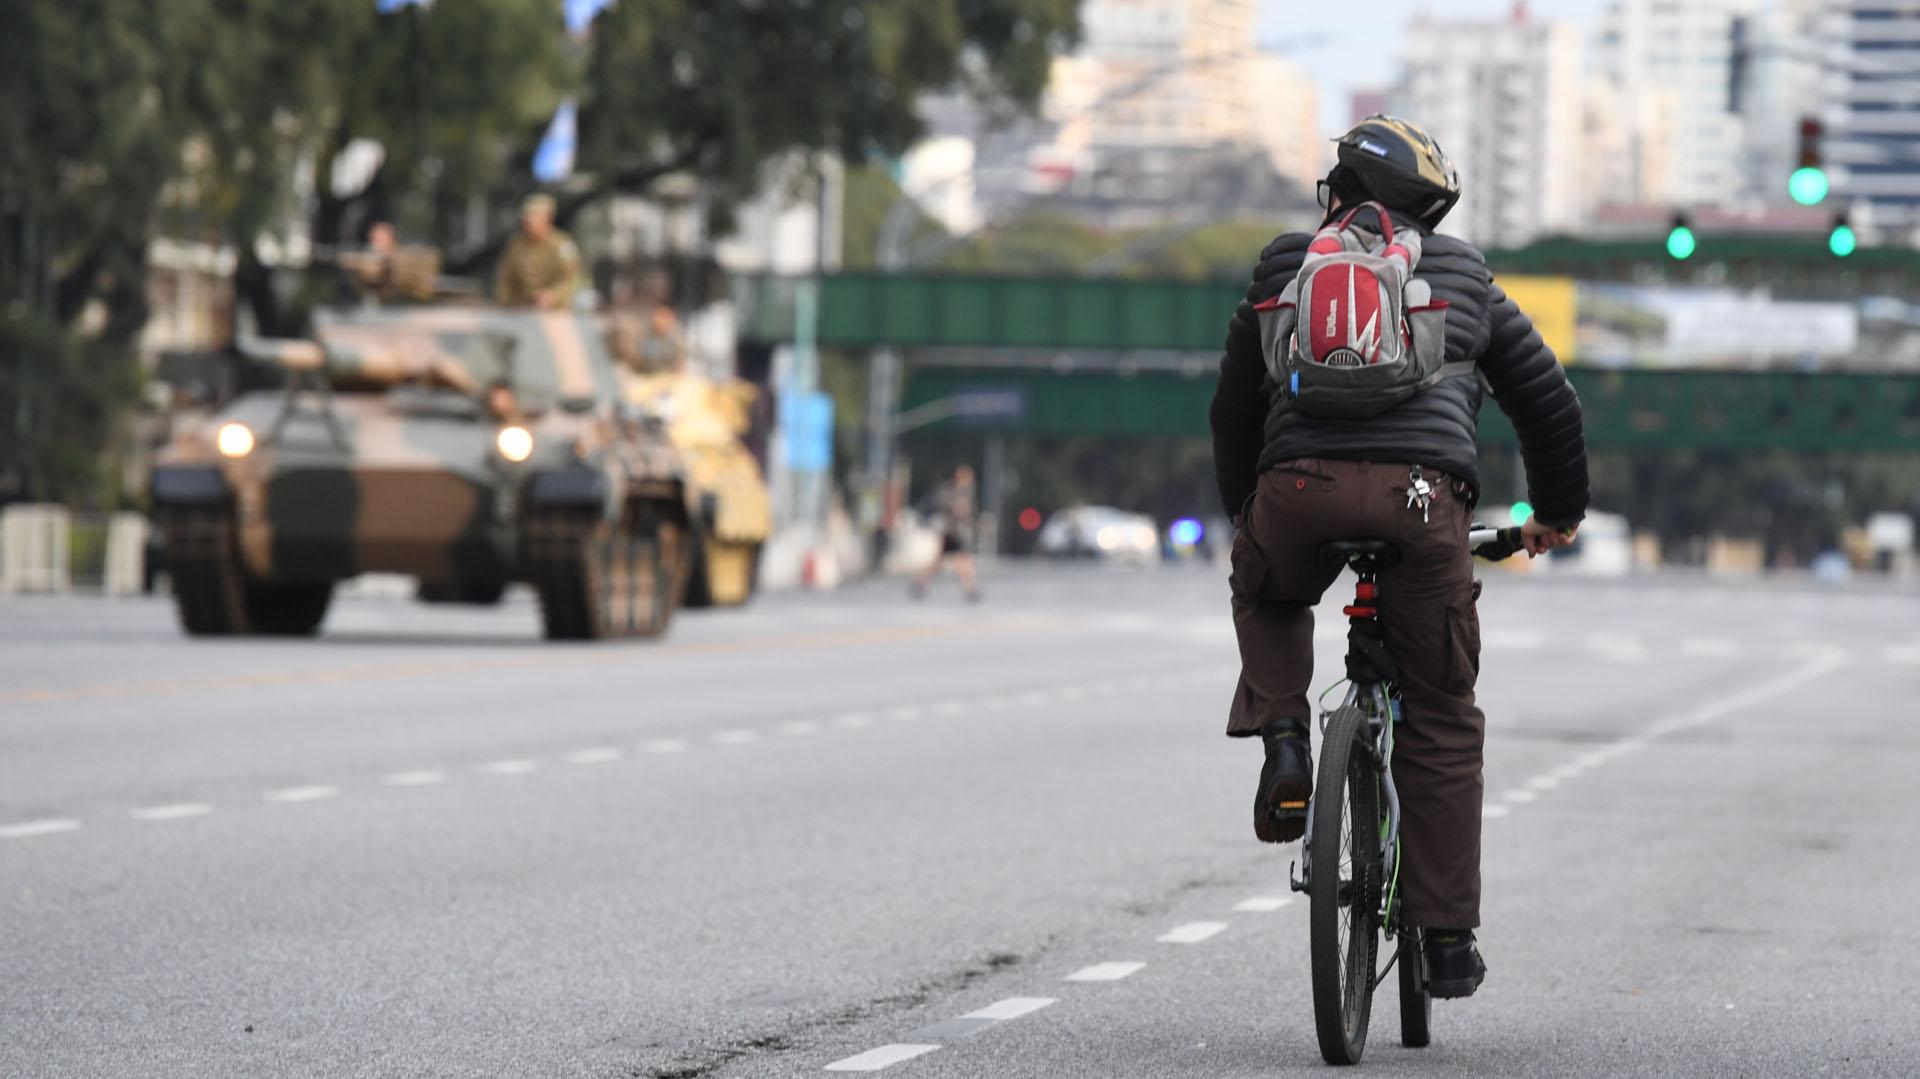 Los vecinos de la ciudad de Buenos Aires siguieron el desfile de los balcones, la calle y, en algunos casos, desde bicicletas